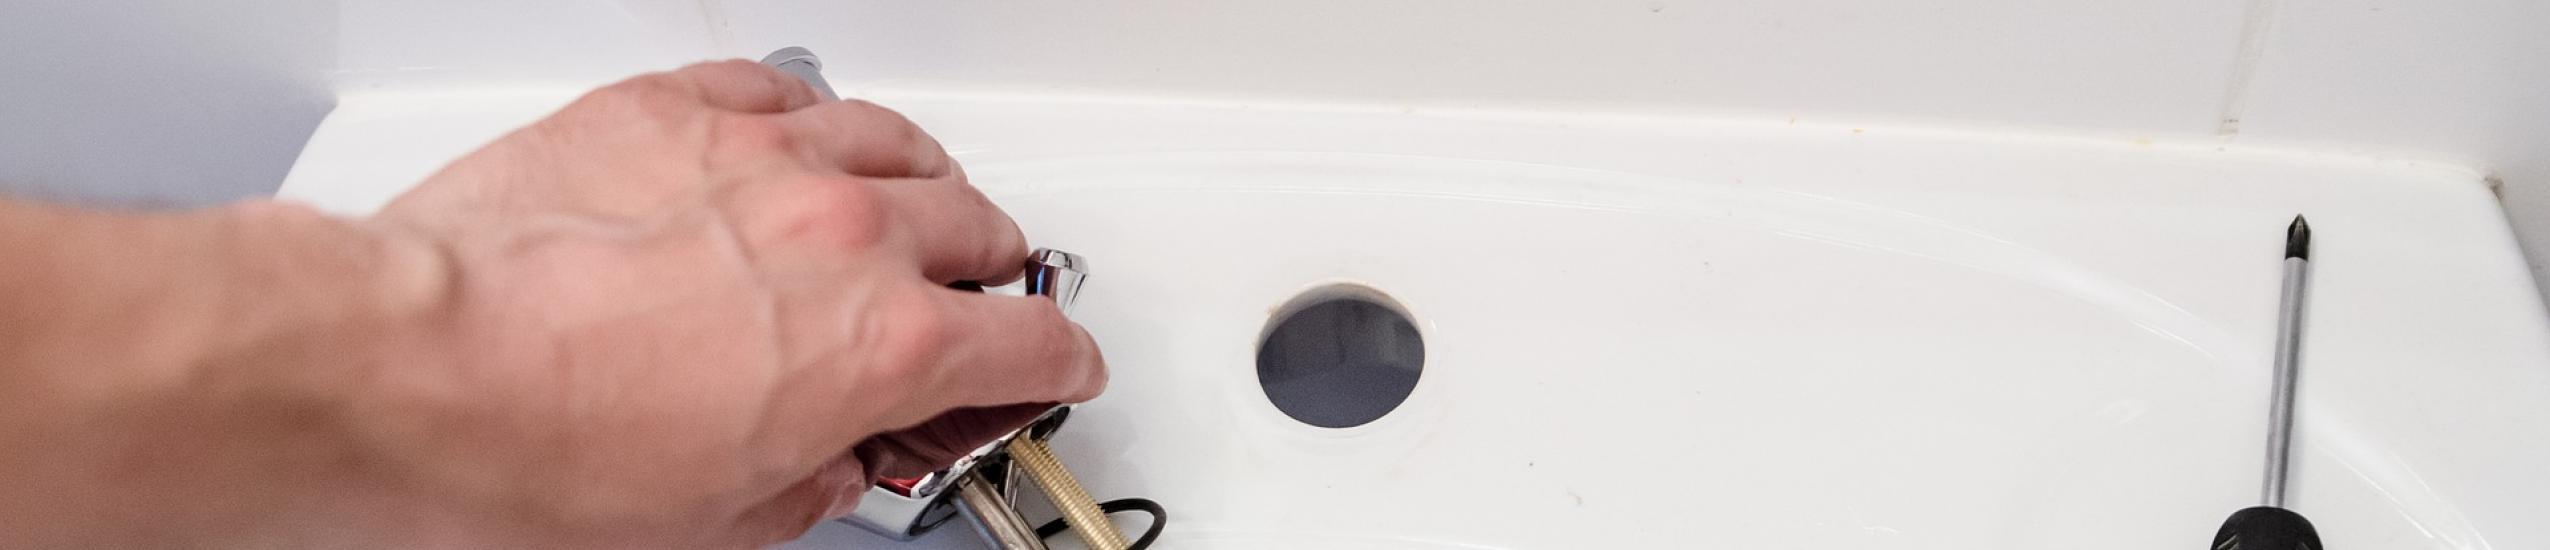 immagine di un idraulico che lavora per l'installazione di un lavabo